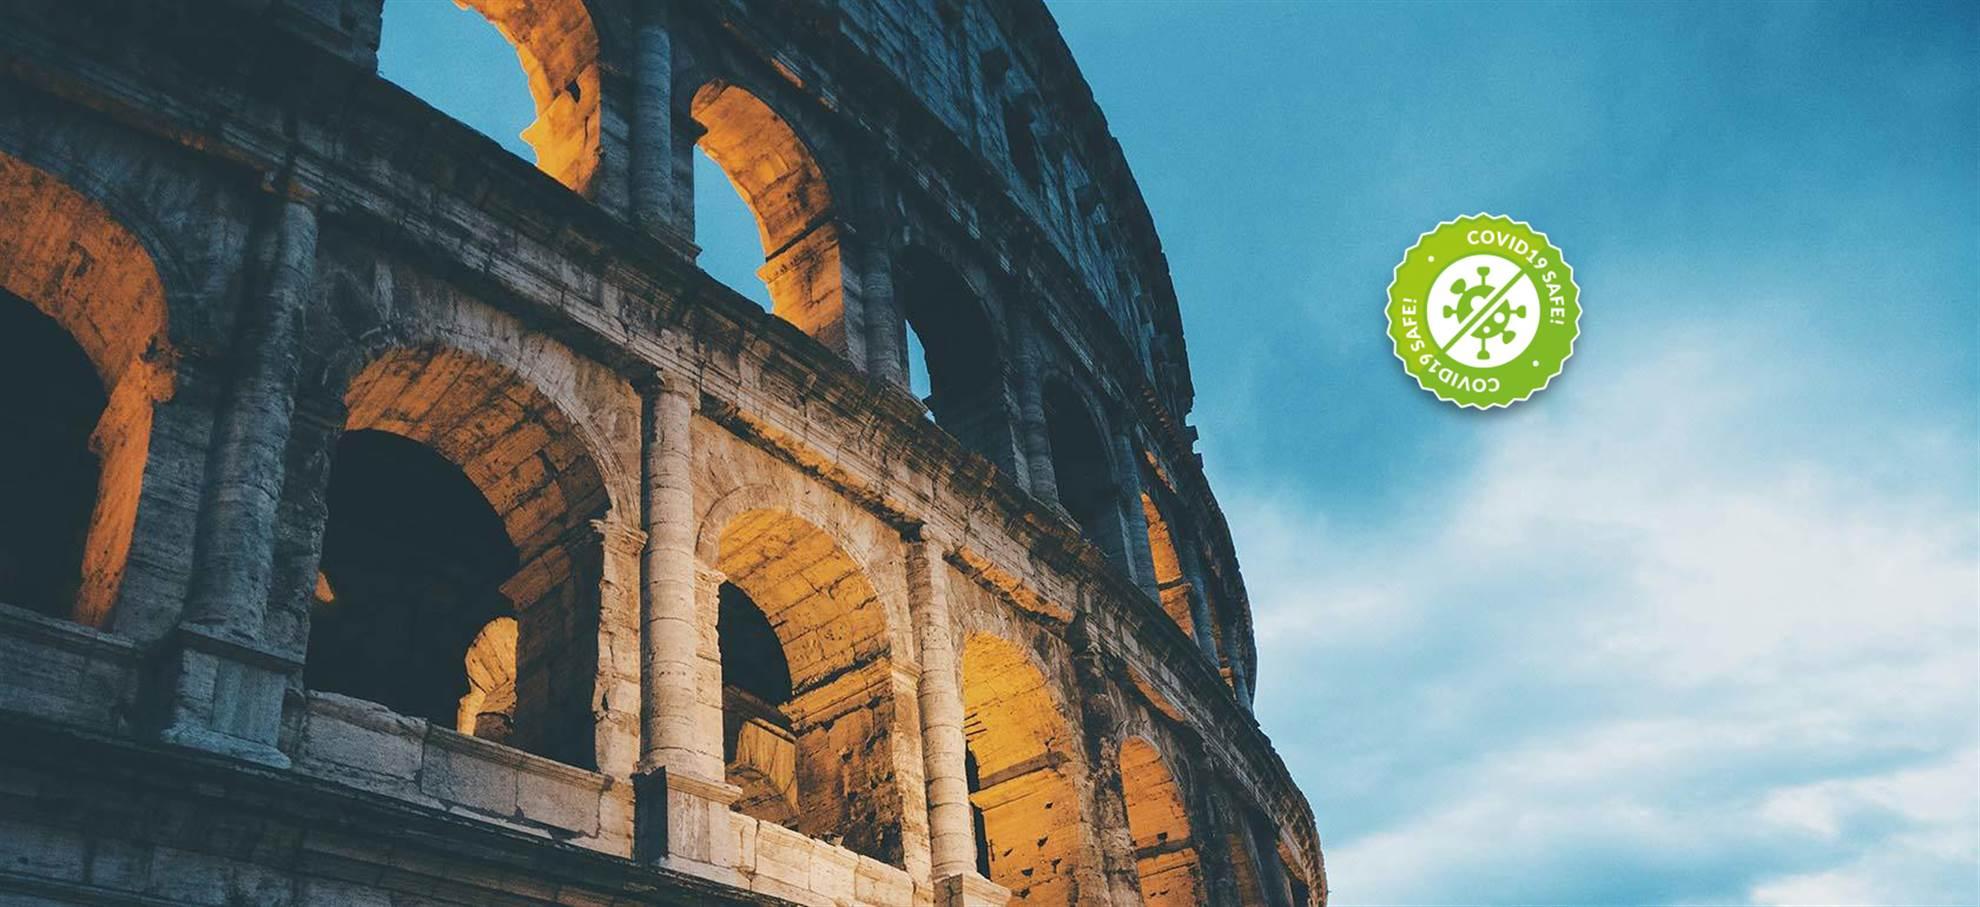 Acceso rápido al Coliseo con vídeo guía incluida